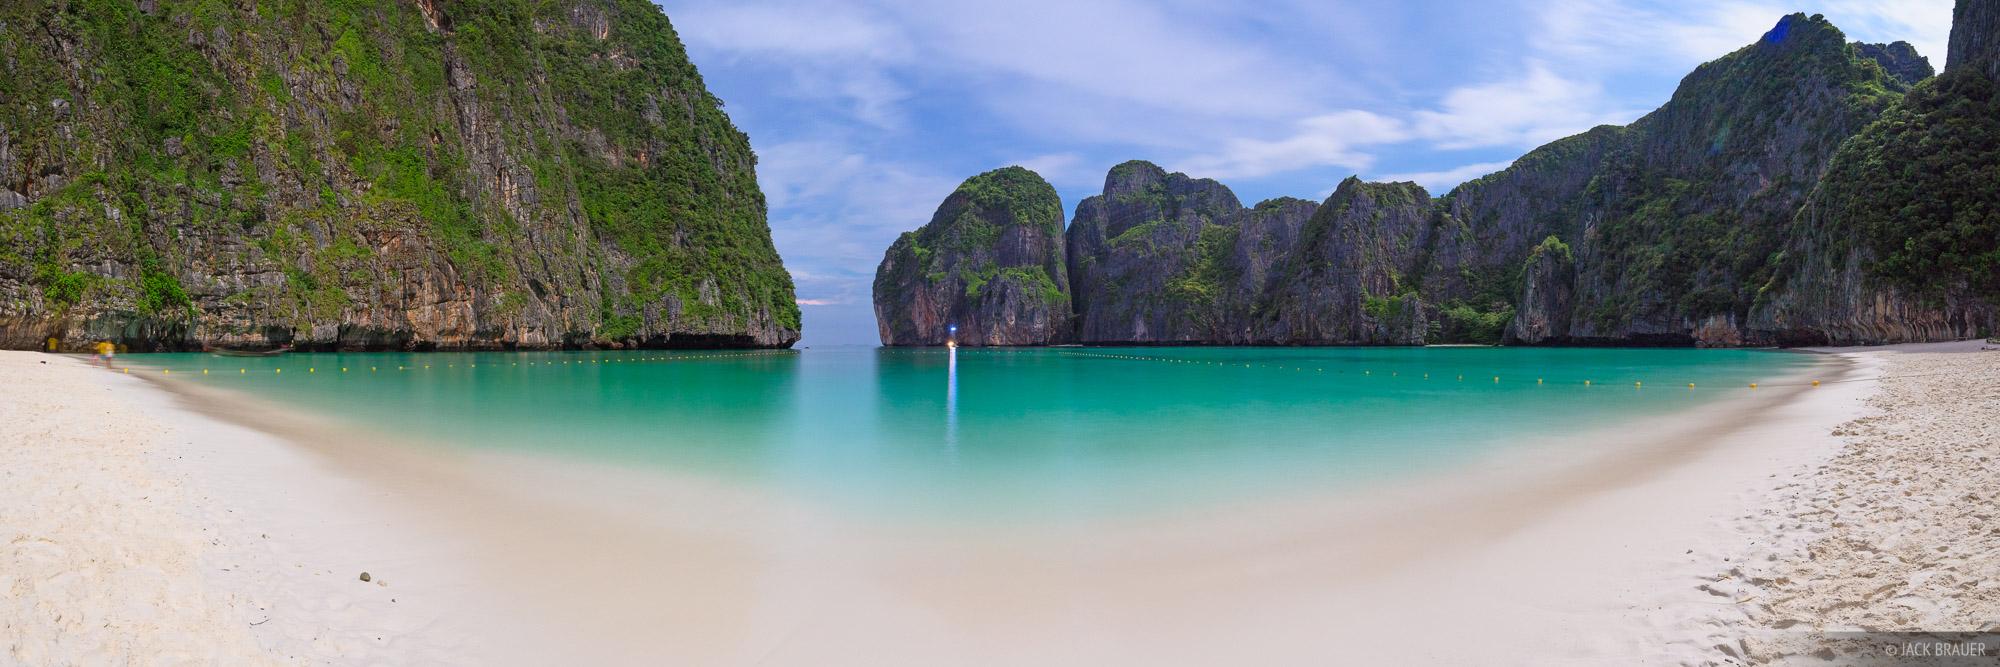 Maya Bay Moonlight Panorama Ko Phi Phi Leh Thailand